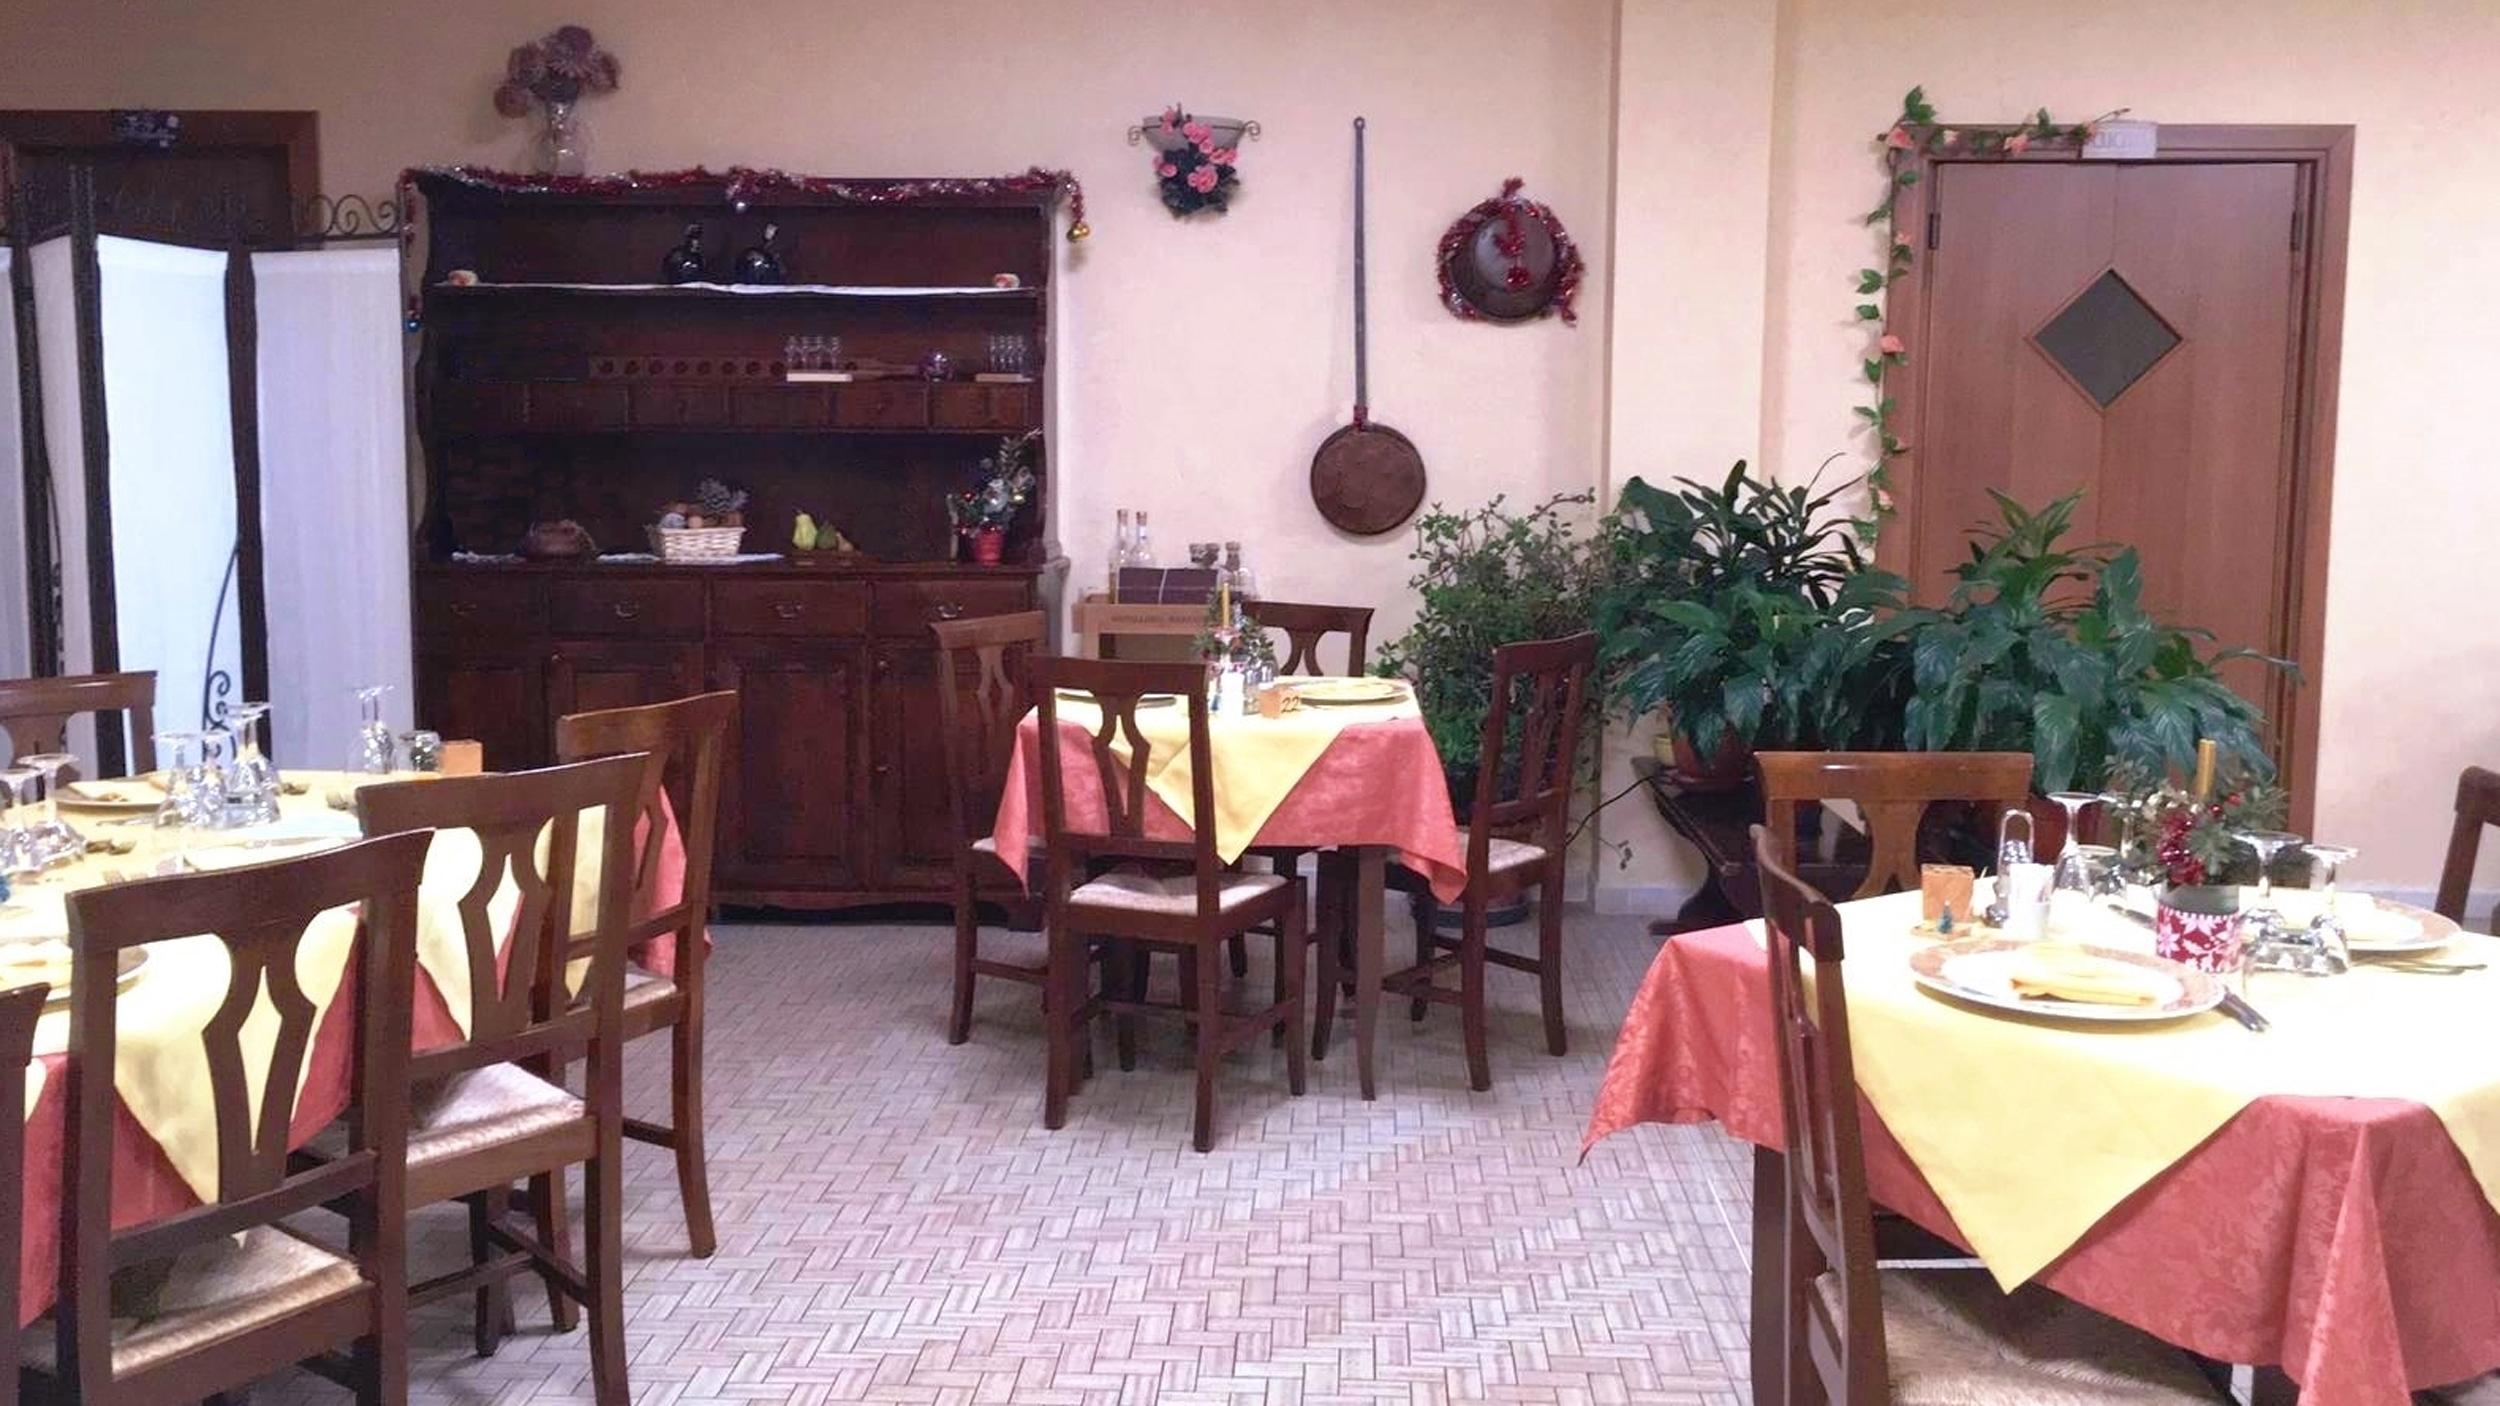 Cucina tipica piemontese Bruzolo Torino